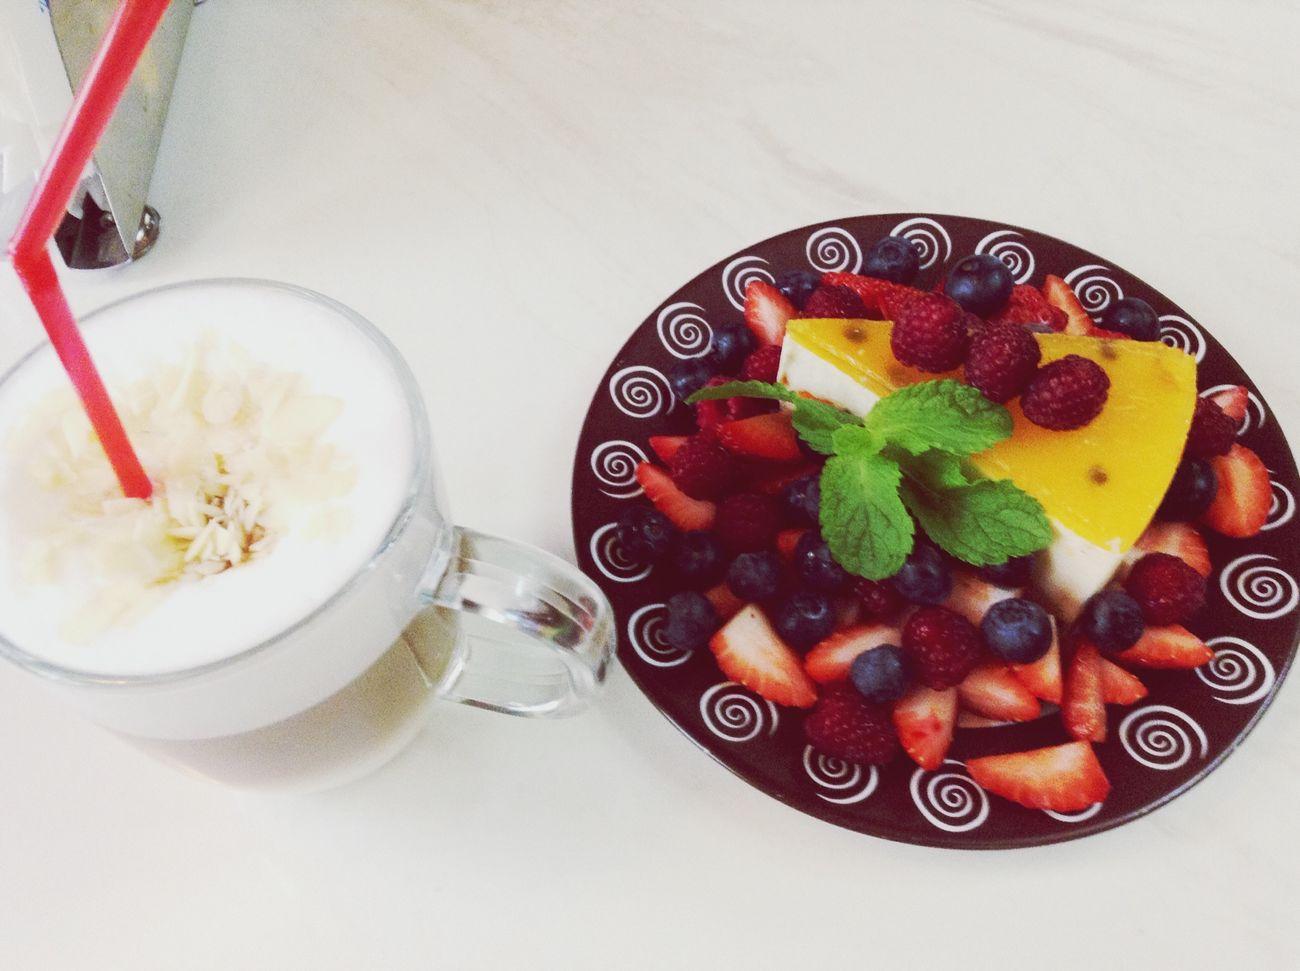 Еда Вкусняшка кофе кофейня пирожное воспоминания  осень2014 пандера